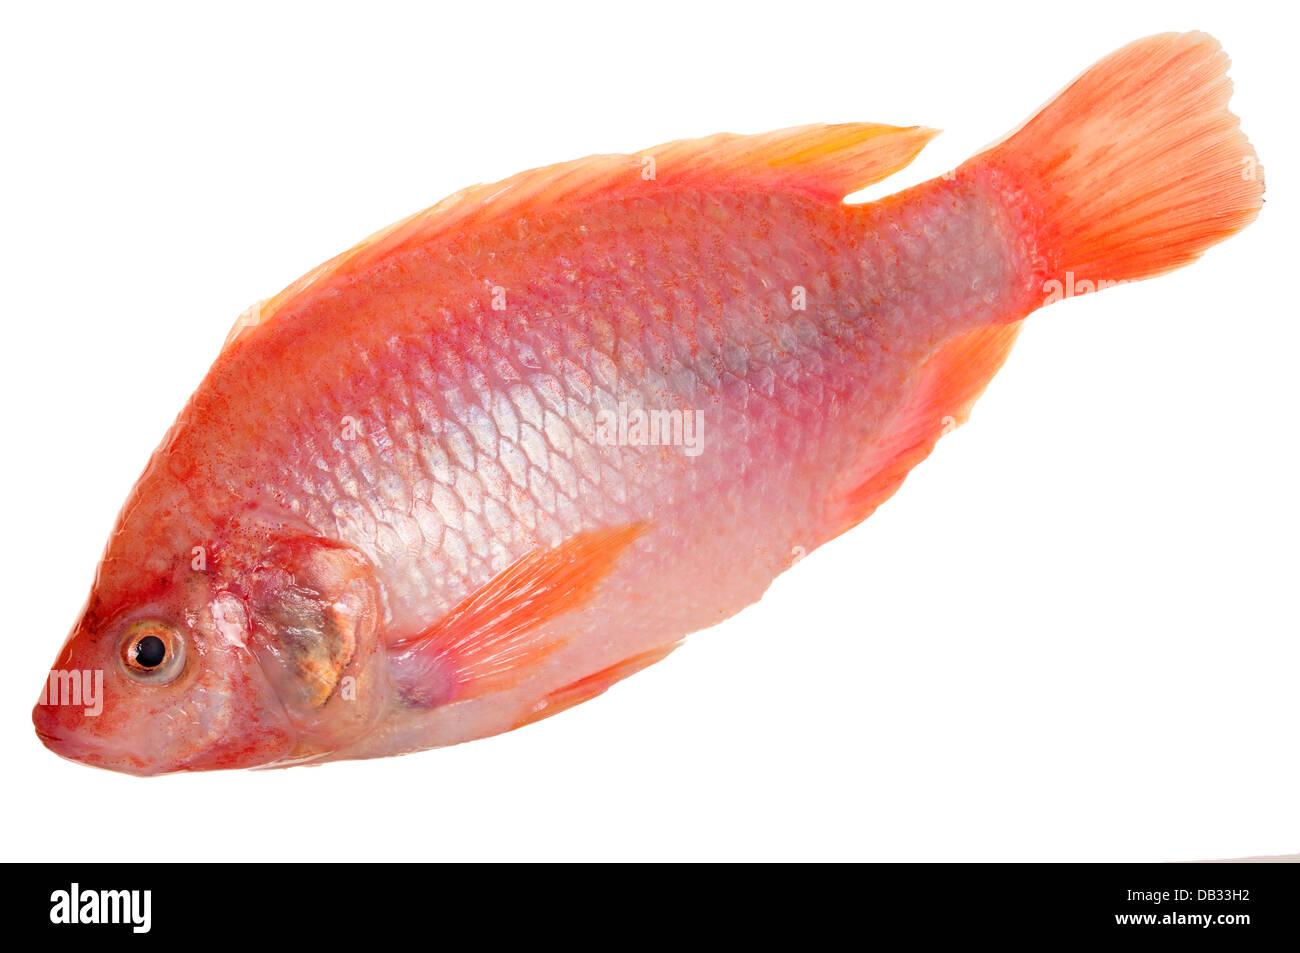 Tilapia Fish Stock Photos & Tilapia Fish Stock Images - Alamy